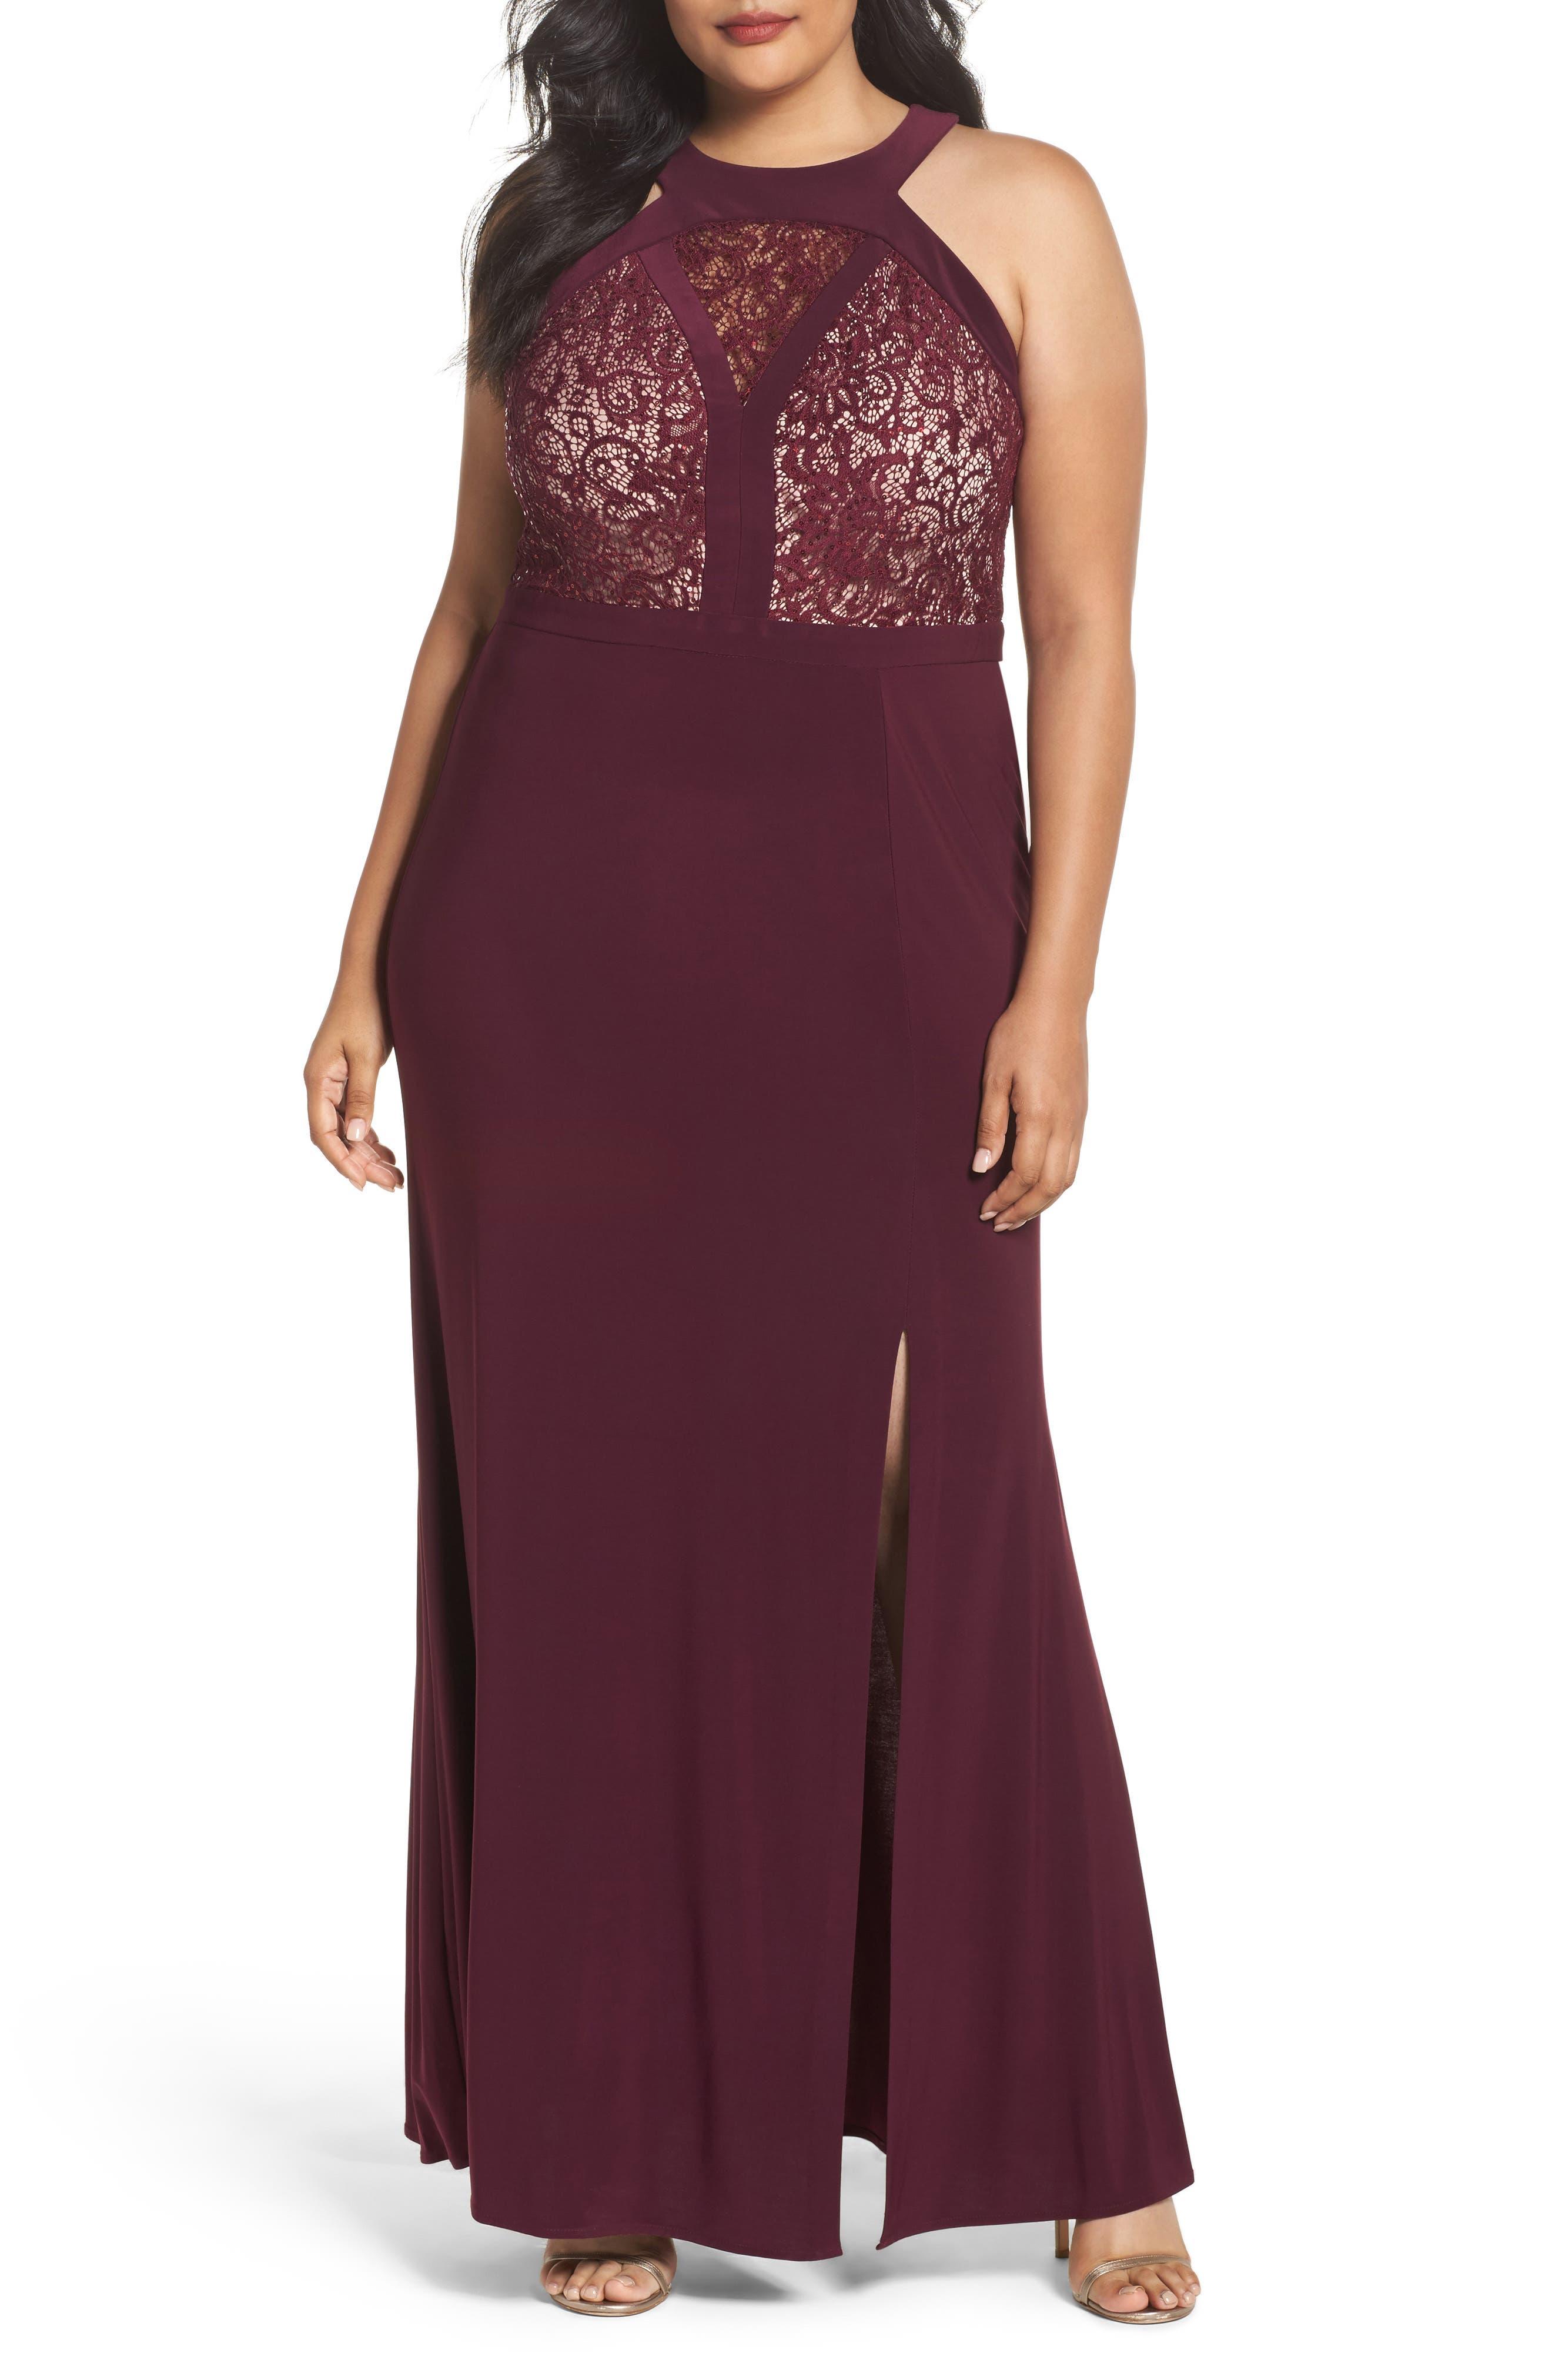 Lace Bodice Dress,                         Main,                         color, Merlot/ Nude